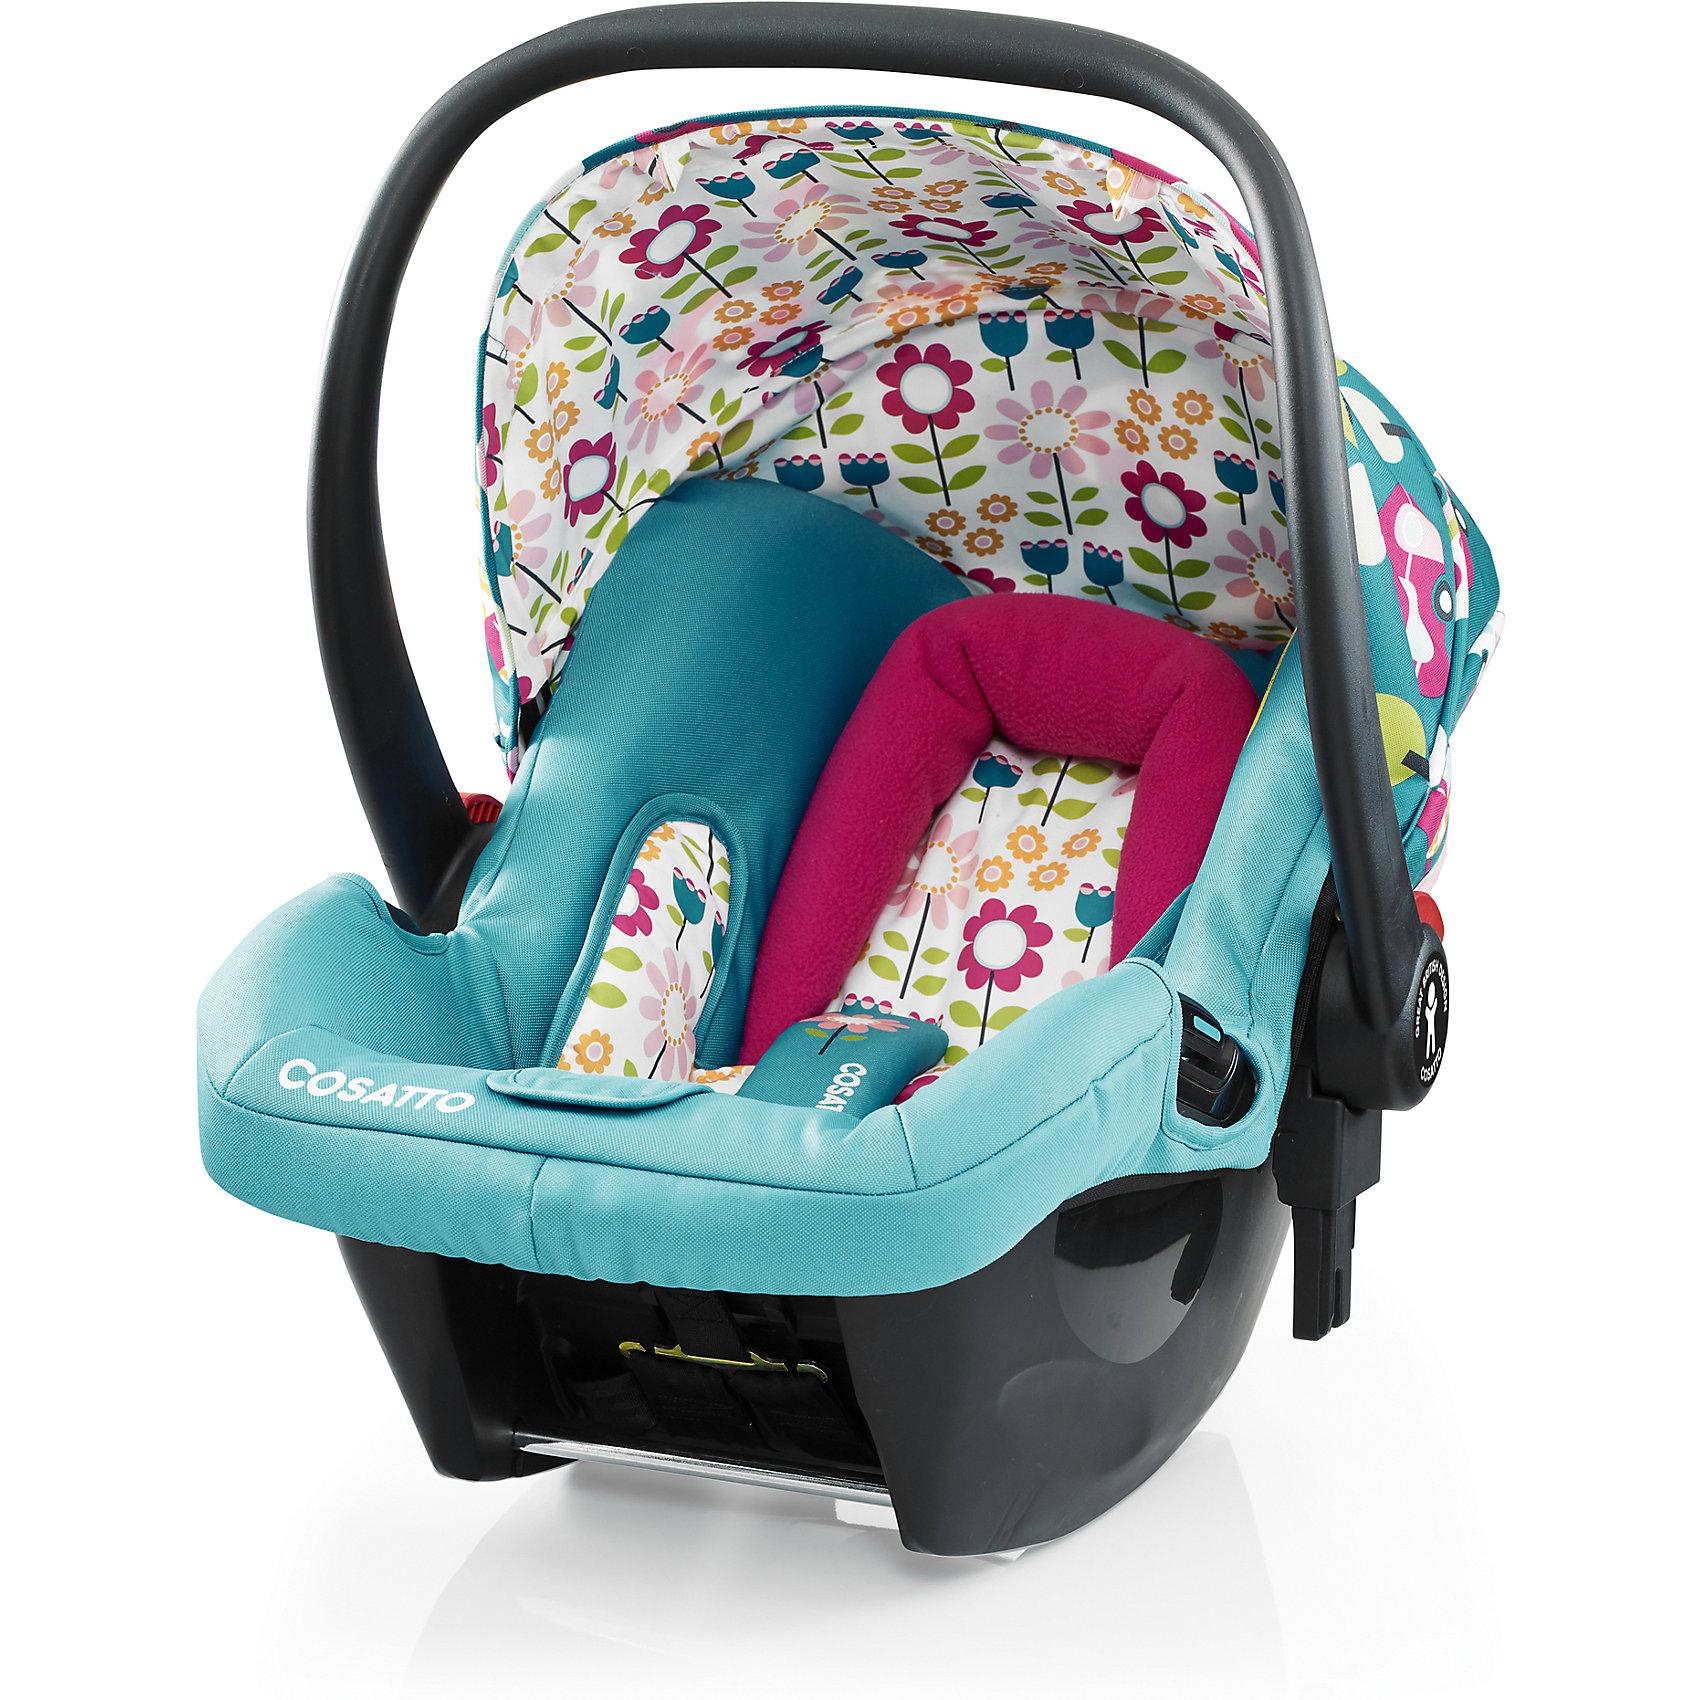 Автокресло Cosatto Hold, 0-13 кг, Happy CampersГруппа 0+ (До 13 кг)<br>Характеристики автокресла Hold Cosatto:<br><br>• группа 0+;<br>• вес ребенка: до 13 кг;<br>• возраст ребенка: от рождения до 12 месяцев;<br>• способ установки: против хода движения автомобиля;<br>• способ крепления: штатными ремнями безопасности автомобиля;<br>• есть возможность установить автокресло на базу с системой крепления Isofix - база приобретается отдельно;<br>• 5-ти точечные ремни безопасности с мягкими накладками;<br>• регулируемый защитный капор;<br>• анатомический вкладыш для новорожденного;<br>• в комплекте с автокреслом идет дождевик;<br>• пластиковая ручка, автолюлька используется как переноска, положение ручки меняется;<br>• автокресло можно использовать как кресло-качалку;<br>• чтобы зафиксировать кресло, необходимо изменить положение ручки и создать упор в пол;<br>• съемные чехлы, стирка при температуре 30 градусов;<br>• материал: пластик, полиэстер;<br>• стандарт безопасности: ЕСЕ R44/03.<br><br>Размер автокресла, ДхШхВ: 70х44х60 см<br>Вес автокресла: 4,2 кг<br><br>Автокресло Hold Cosatto устанавливается как против хода движения автомобиля на заднем сиденье. Глубокая чаша просторная, малышу удобно находится в кресле даже в теплом комбинезоне. Анатомический вкладыш с подголовником снимается. Автокресло соответствует европейским стандартам безопасности. Авктокресло можно установить на раму коляски Cosatto. Адаптеры для установки автокресла на шасси коляски входят в комплект.<br><br>Автокресло 0-13 кг., HOLD, COSATTO можно купить в нашем интернет-магазине.<br><br>Ширина мм: 740<br>Глубина мм: 440<br>Высота мм: 380<br>Вес г: 6000<br>Возраст от месяцев: -2147483648<br>Возраст до месяцев: 2147483647<br>Пол: Унисекс<br>Возраст: Детский<br>SKU: 5629487